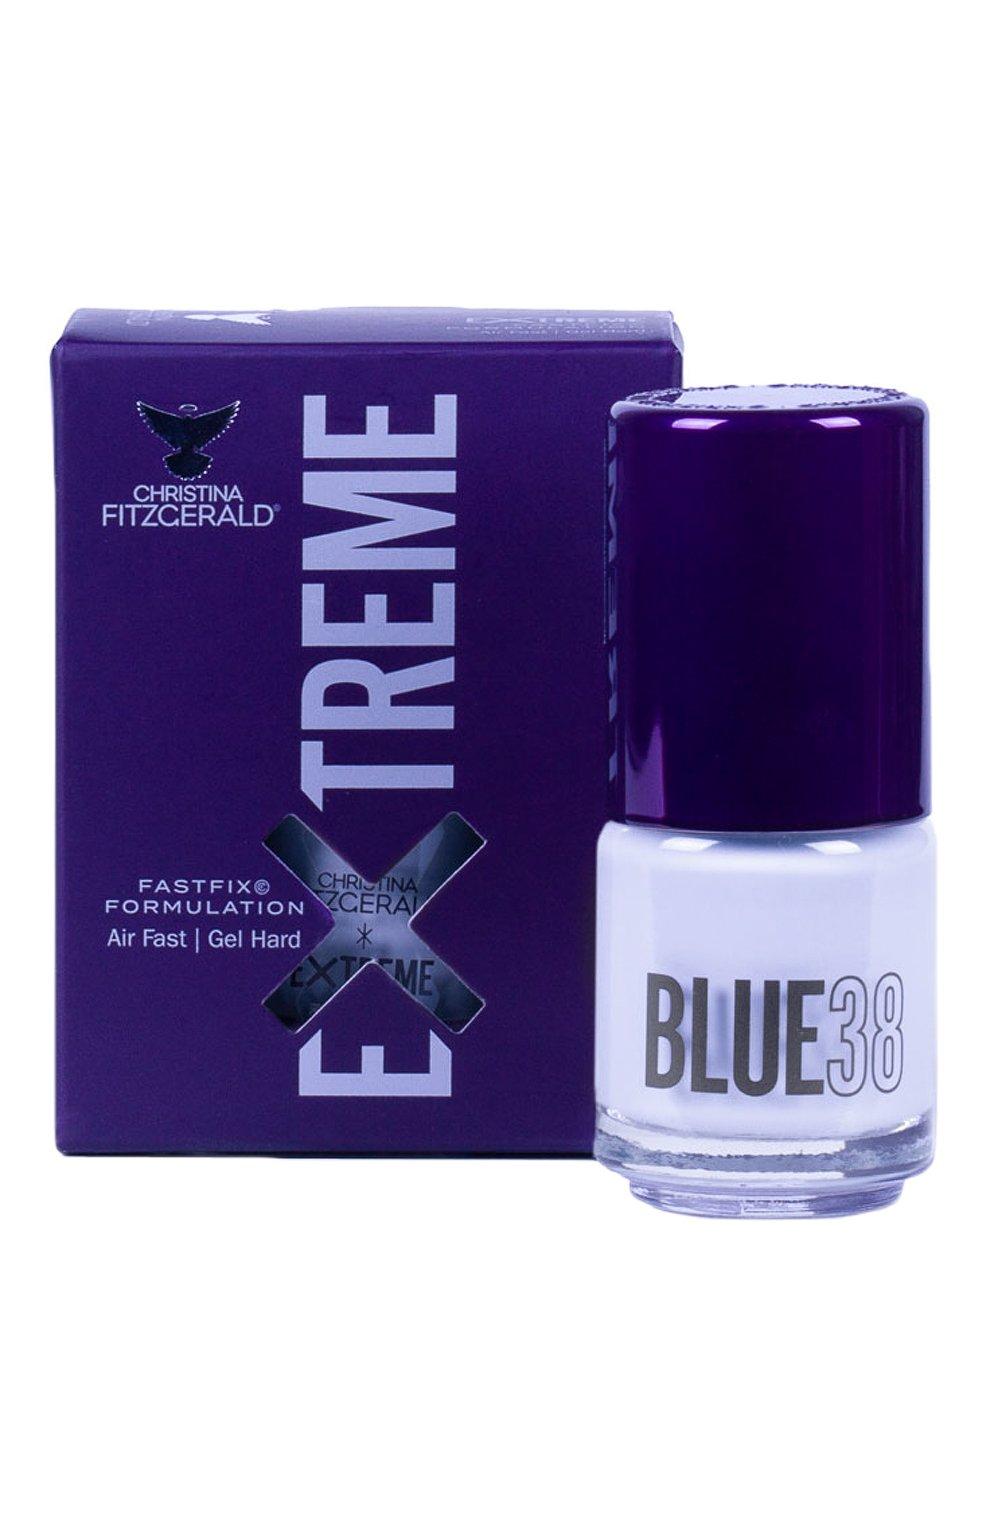 Женский лак для ногтей extreme, оттенок blue 38 CHRISTINA FITZGERALD бесцветного цвета, арт. 9333381005274 | Фото 1